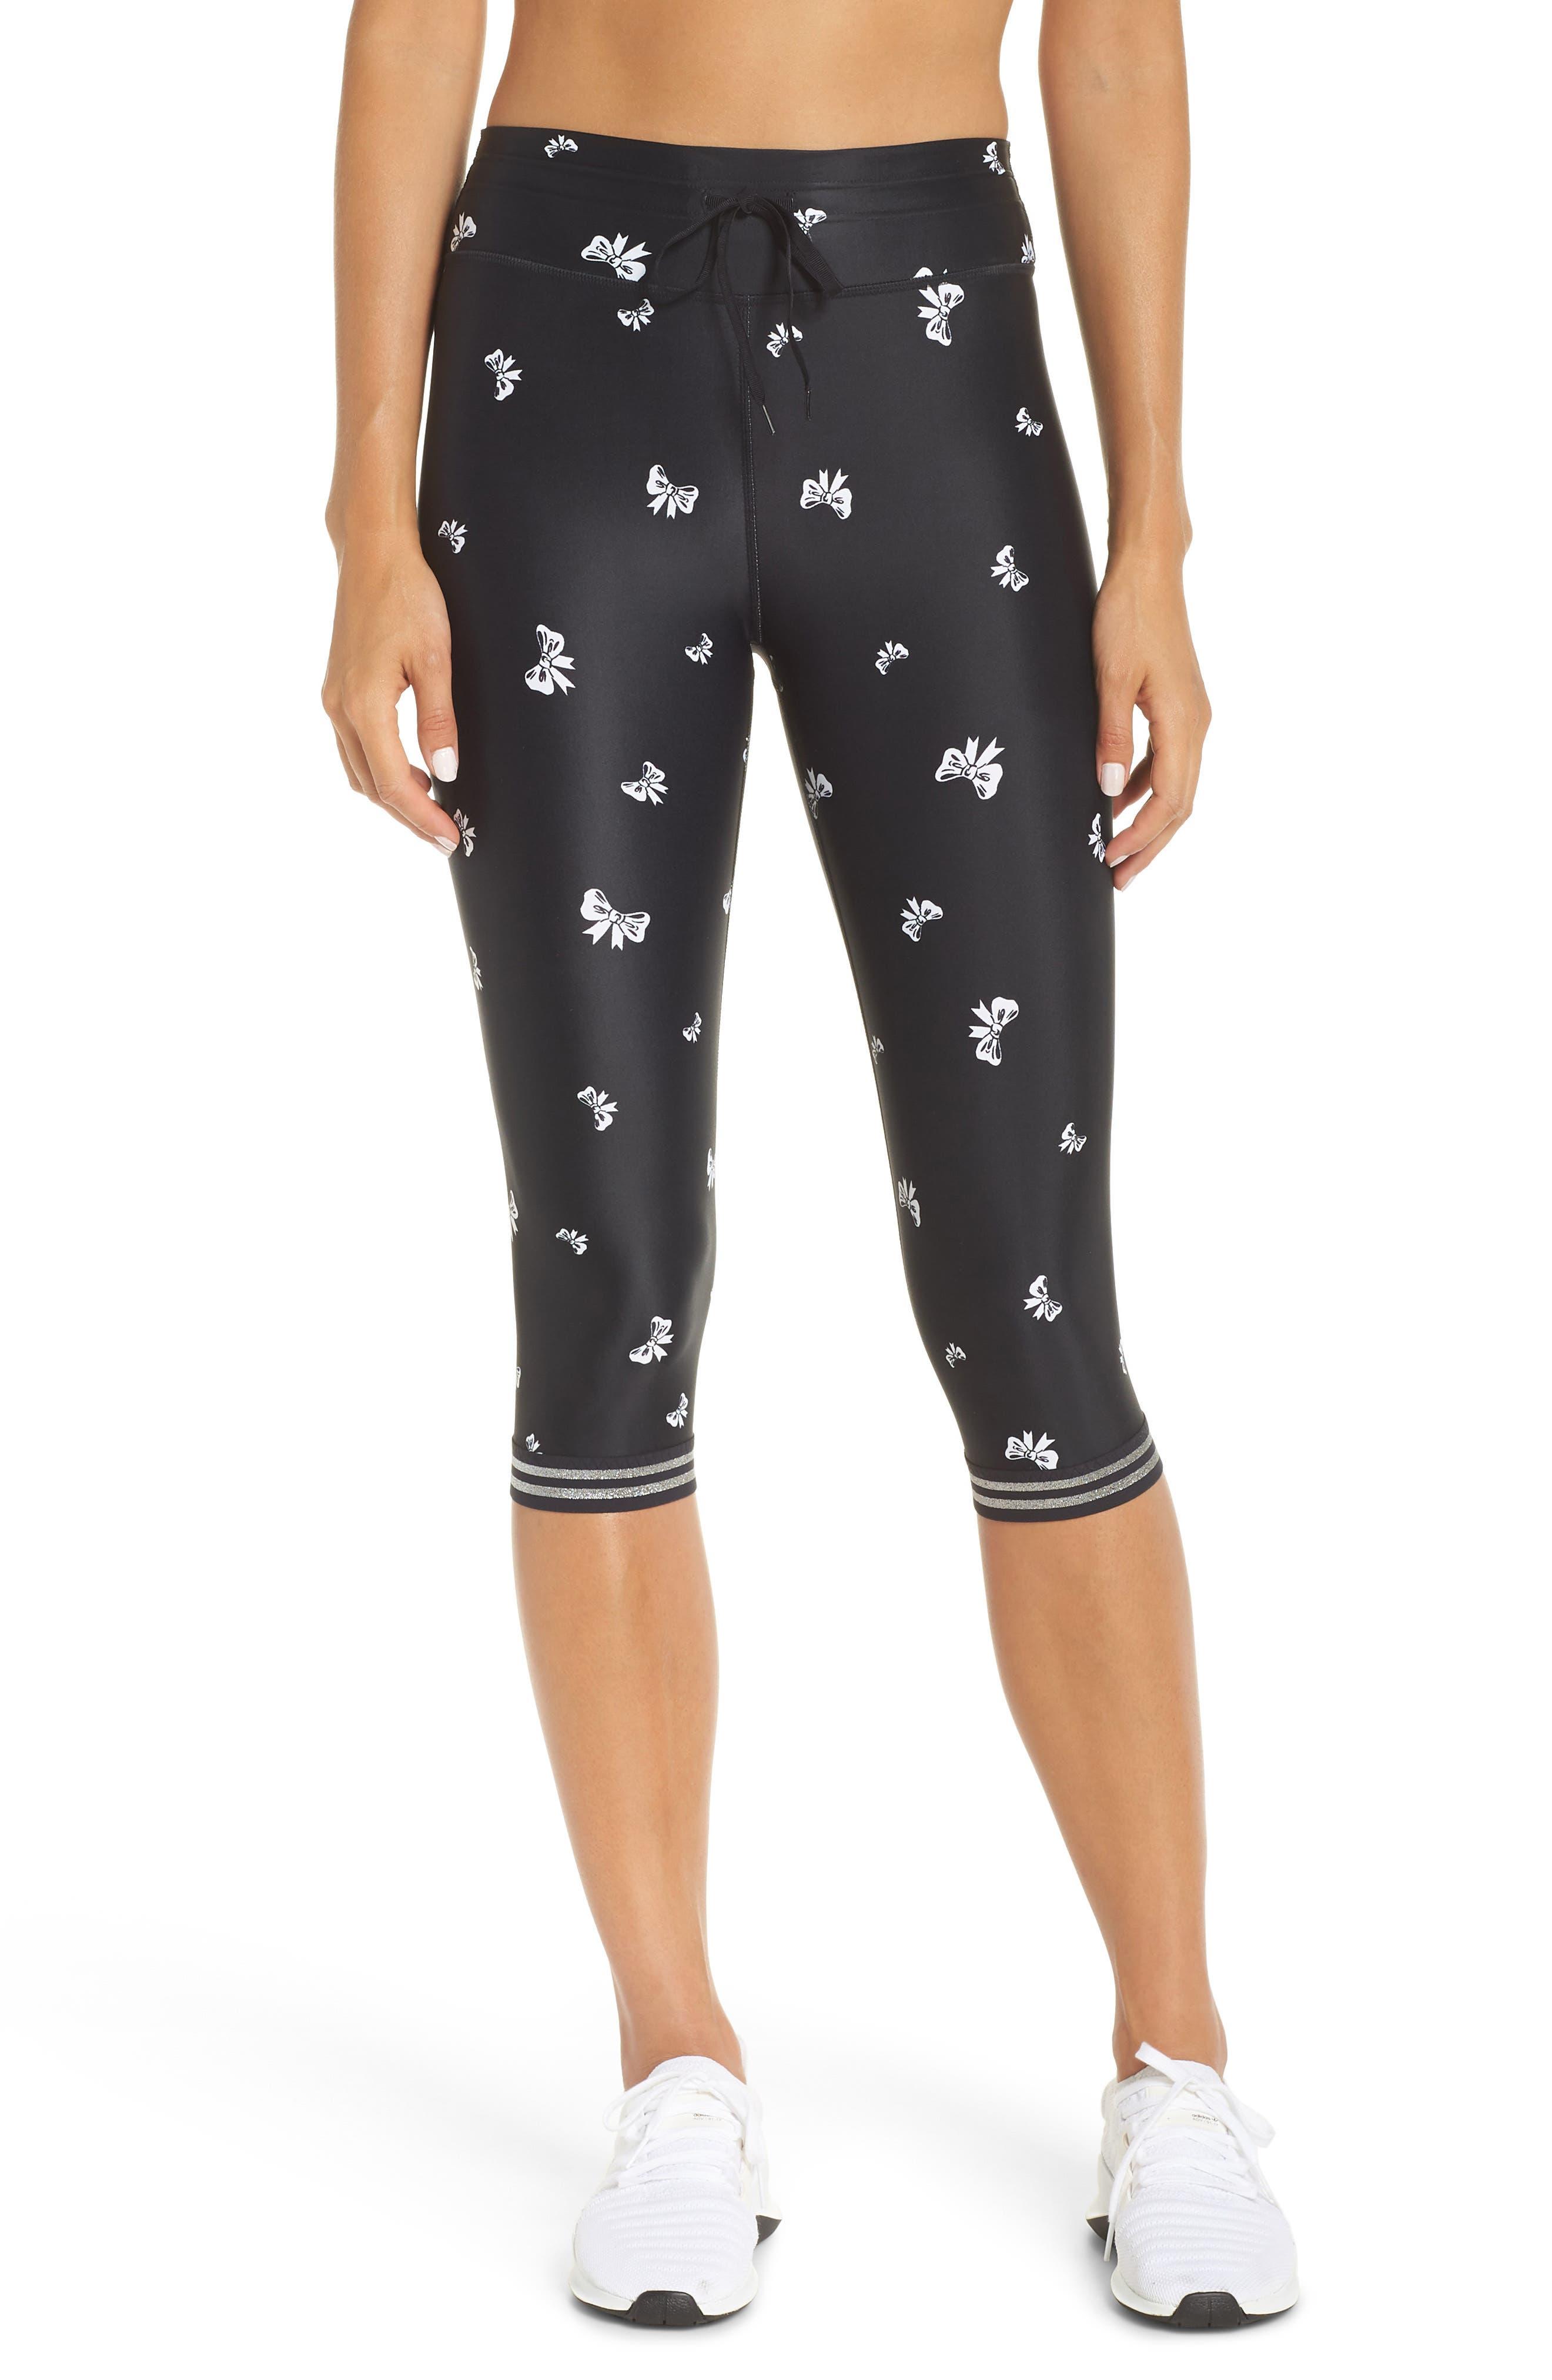 Bows Power Pant Crop Leggings,                         Main,                         color, BLACK/ WHITE